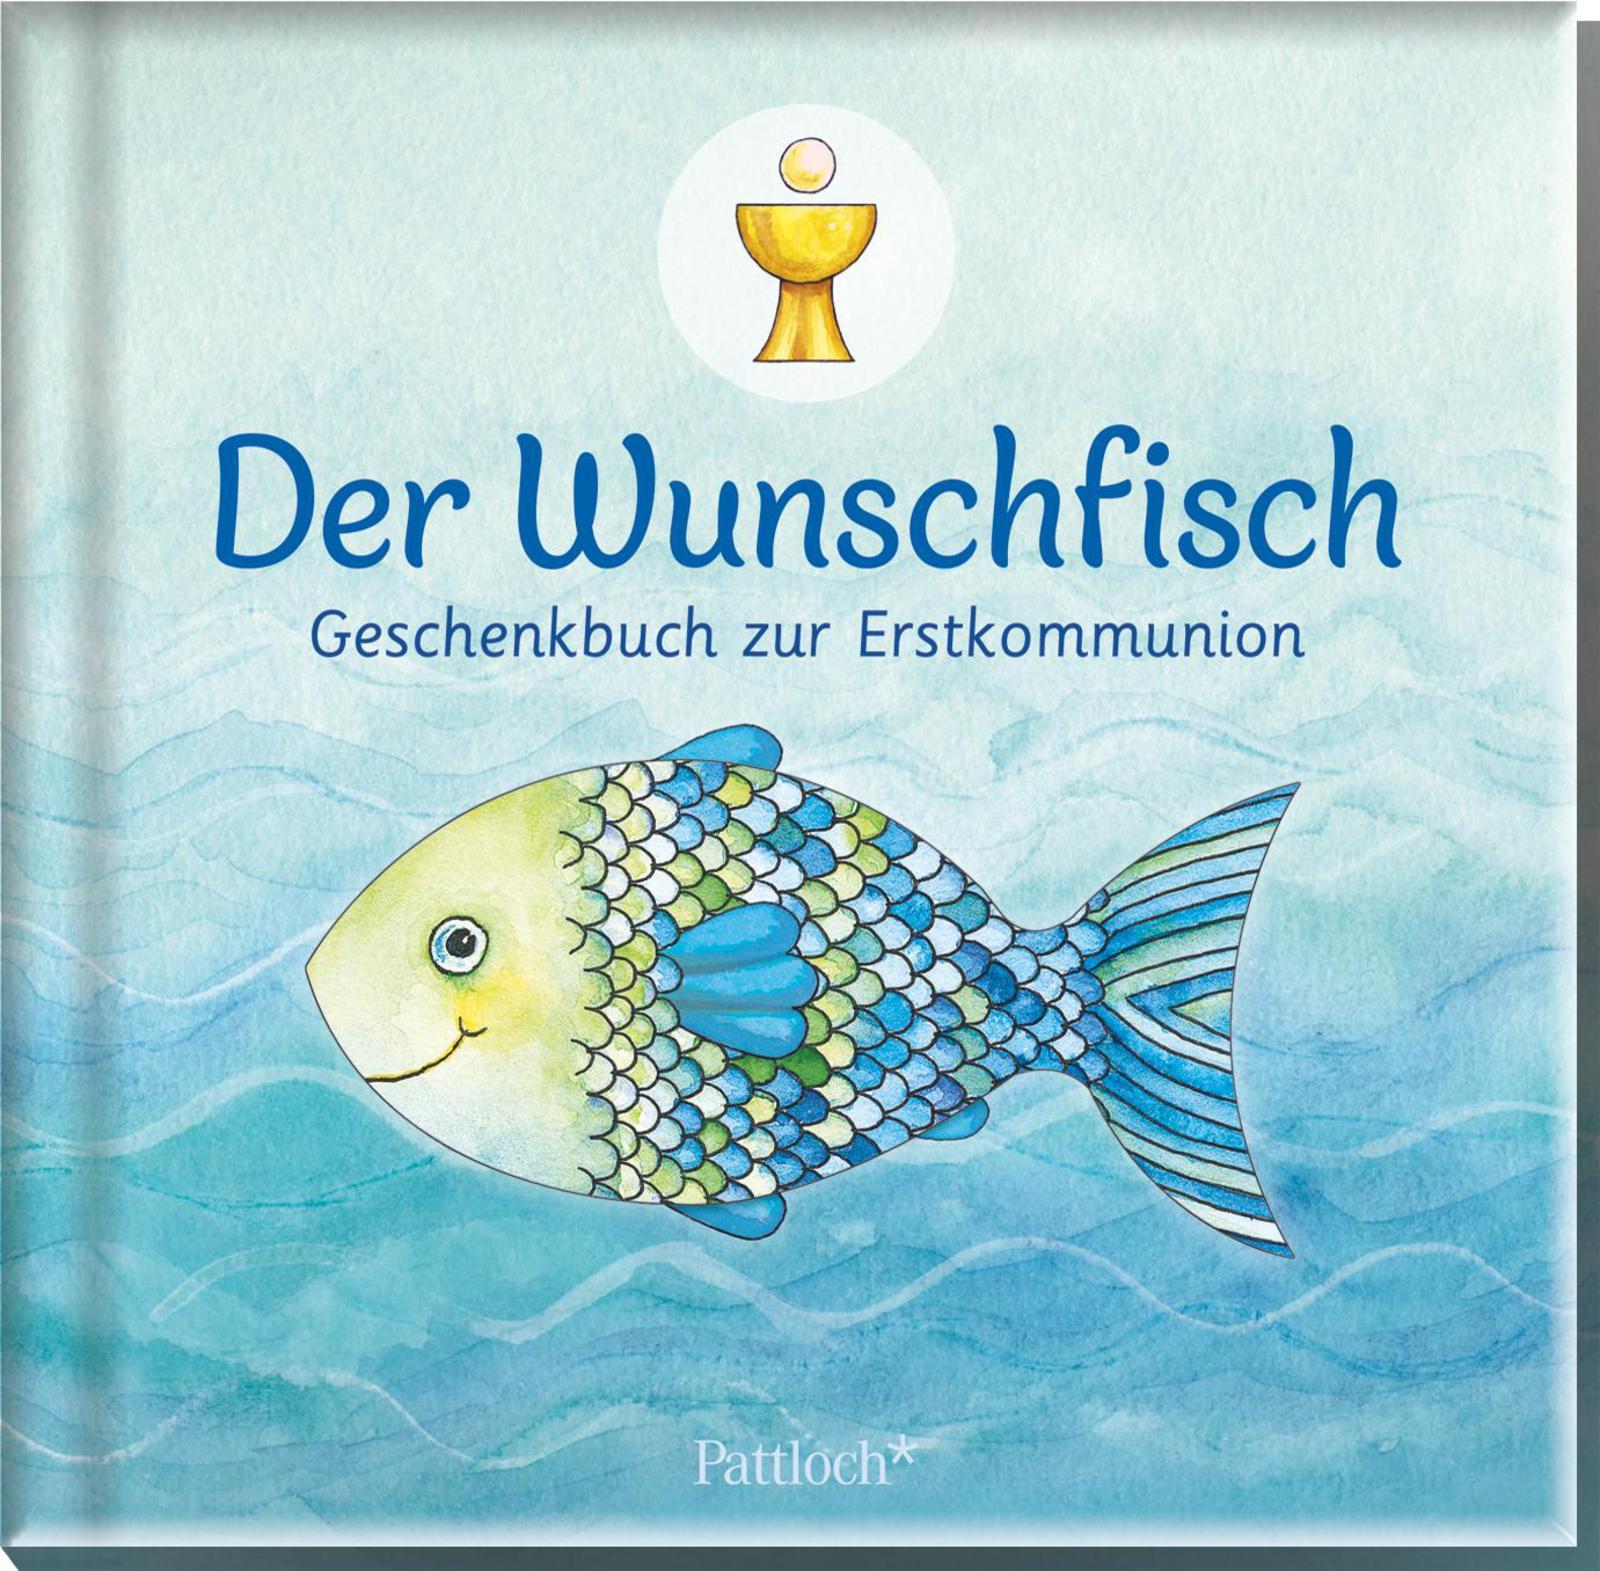 Der Wunschfisch - Geschenkbuch zur Erstkommunion